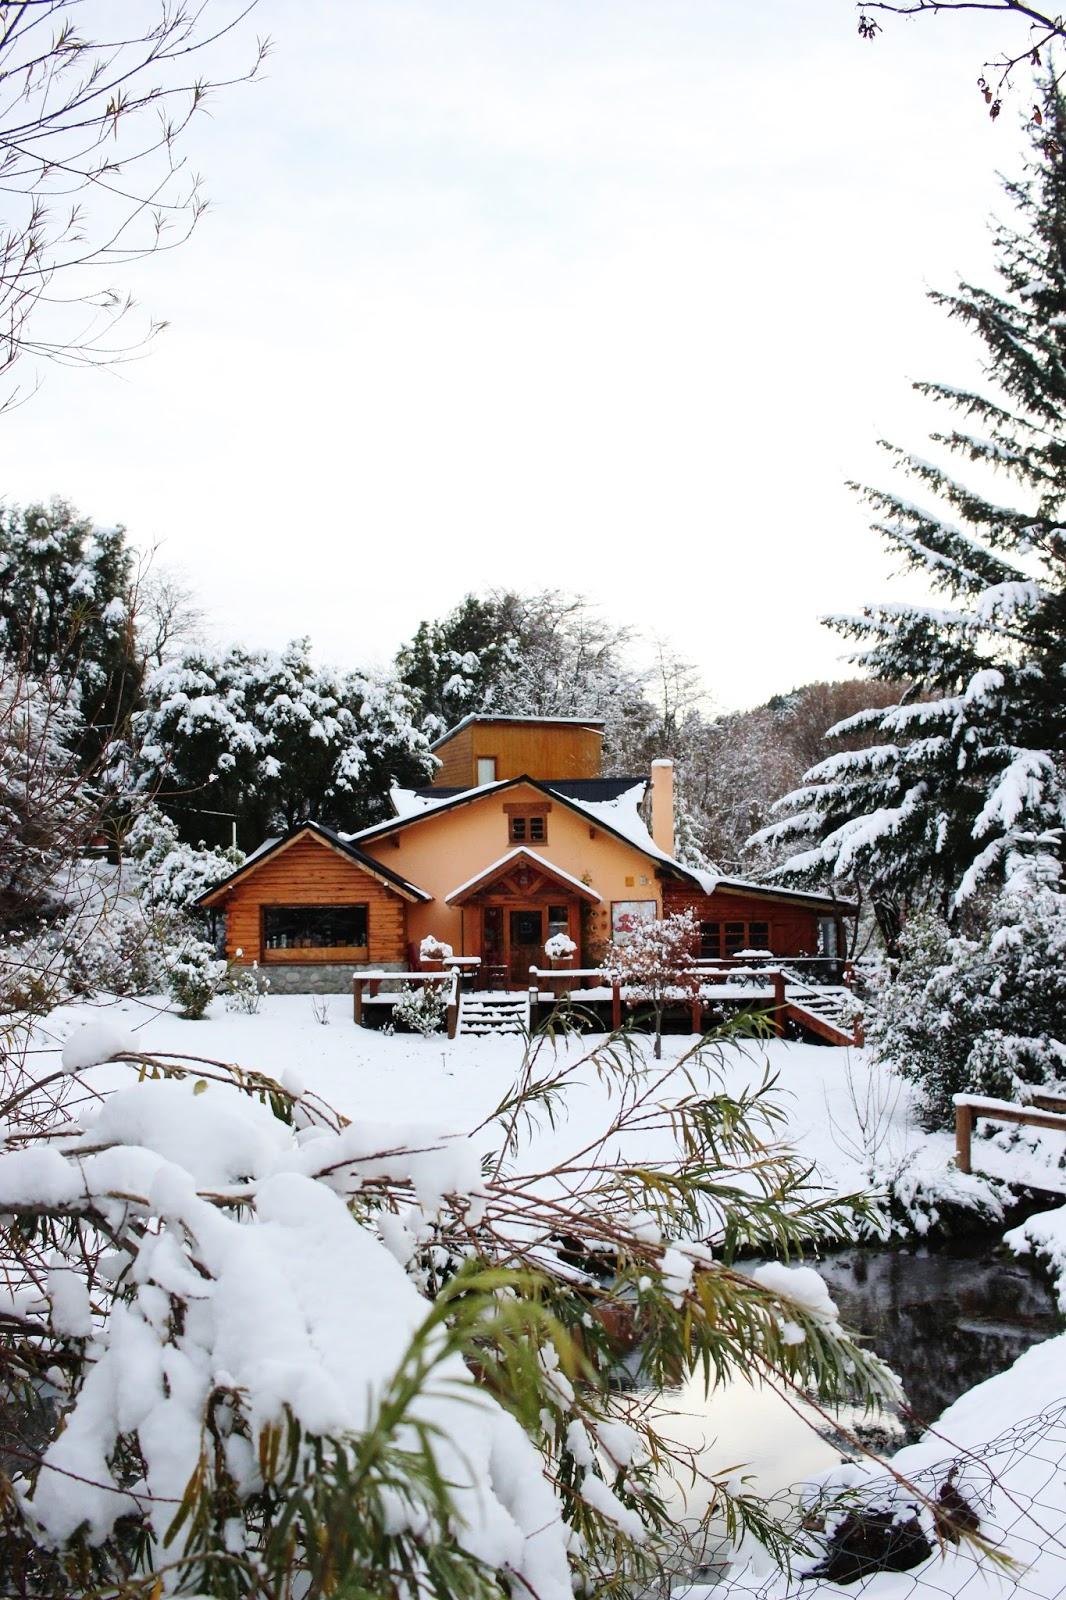 casas bariloche invierno